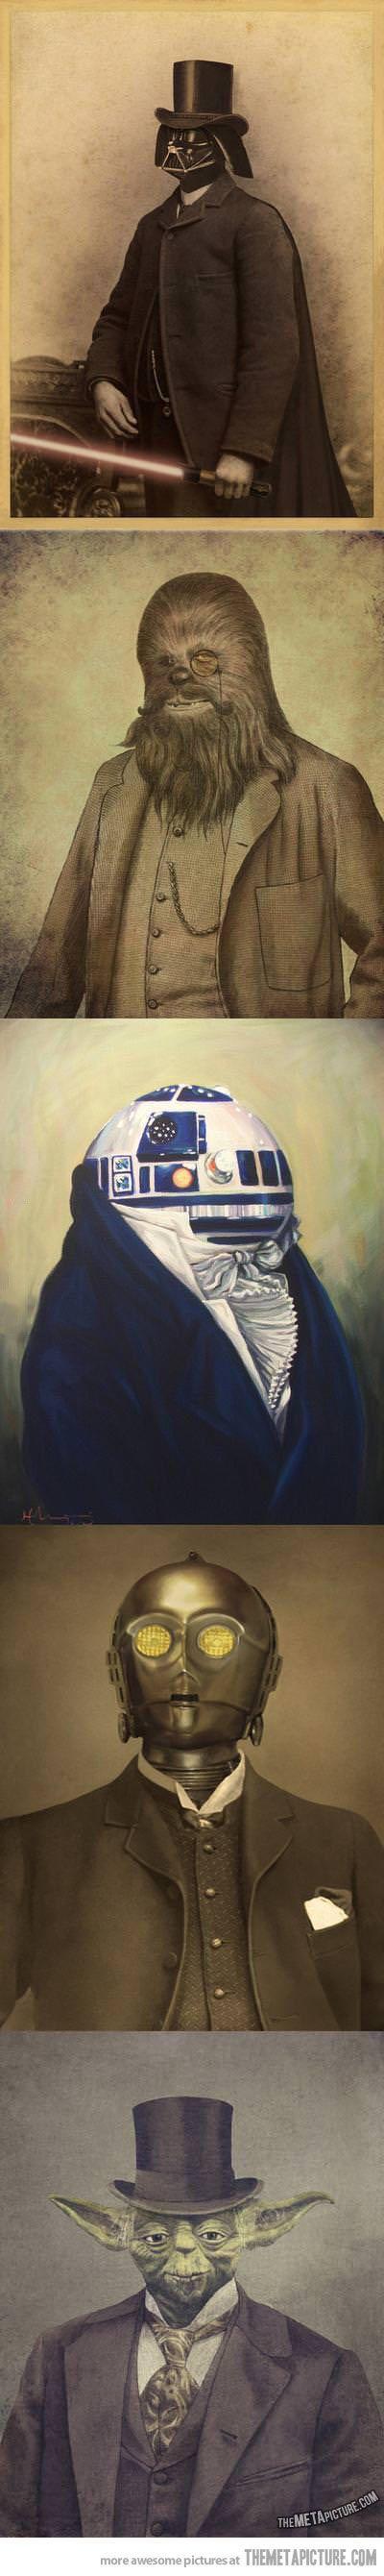 Star Wars vitoriano